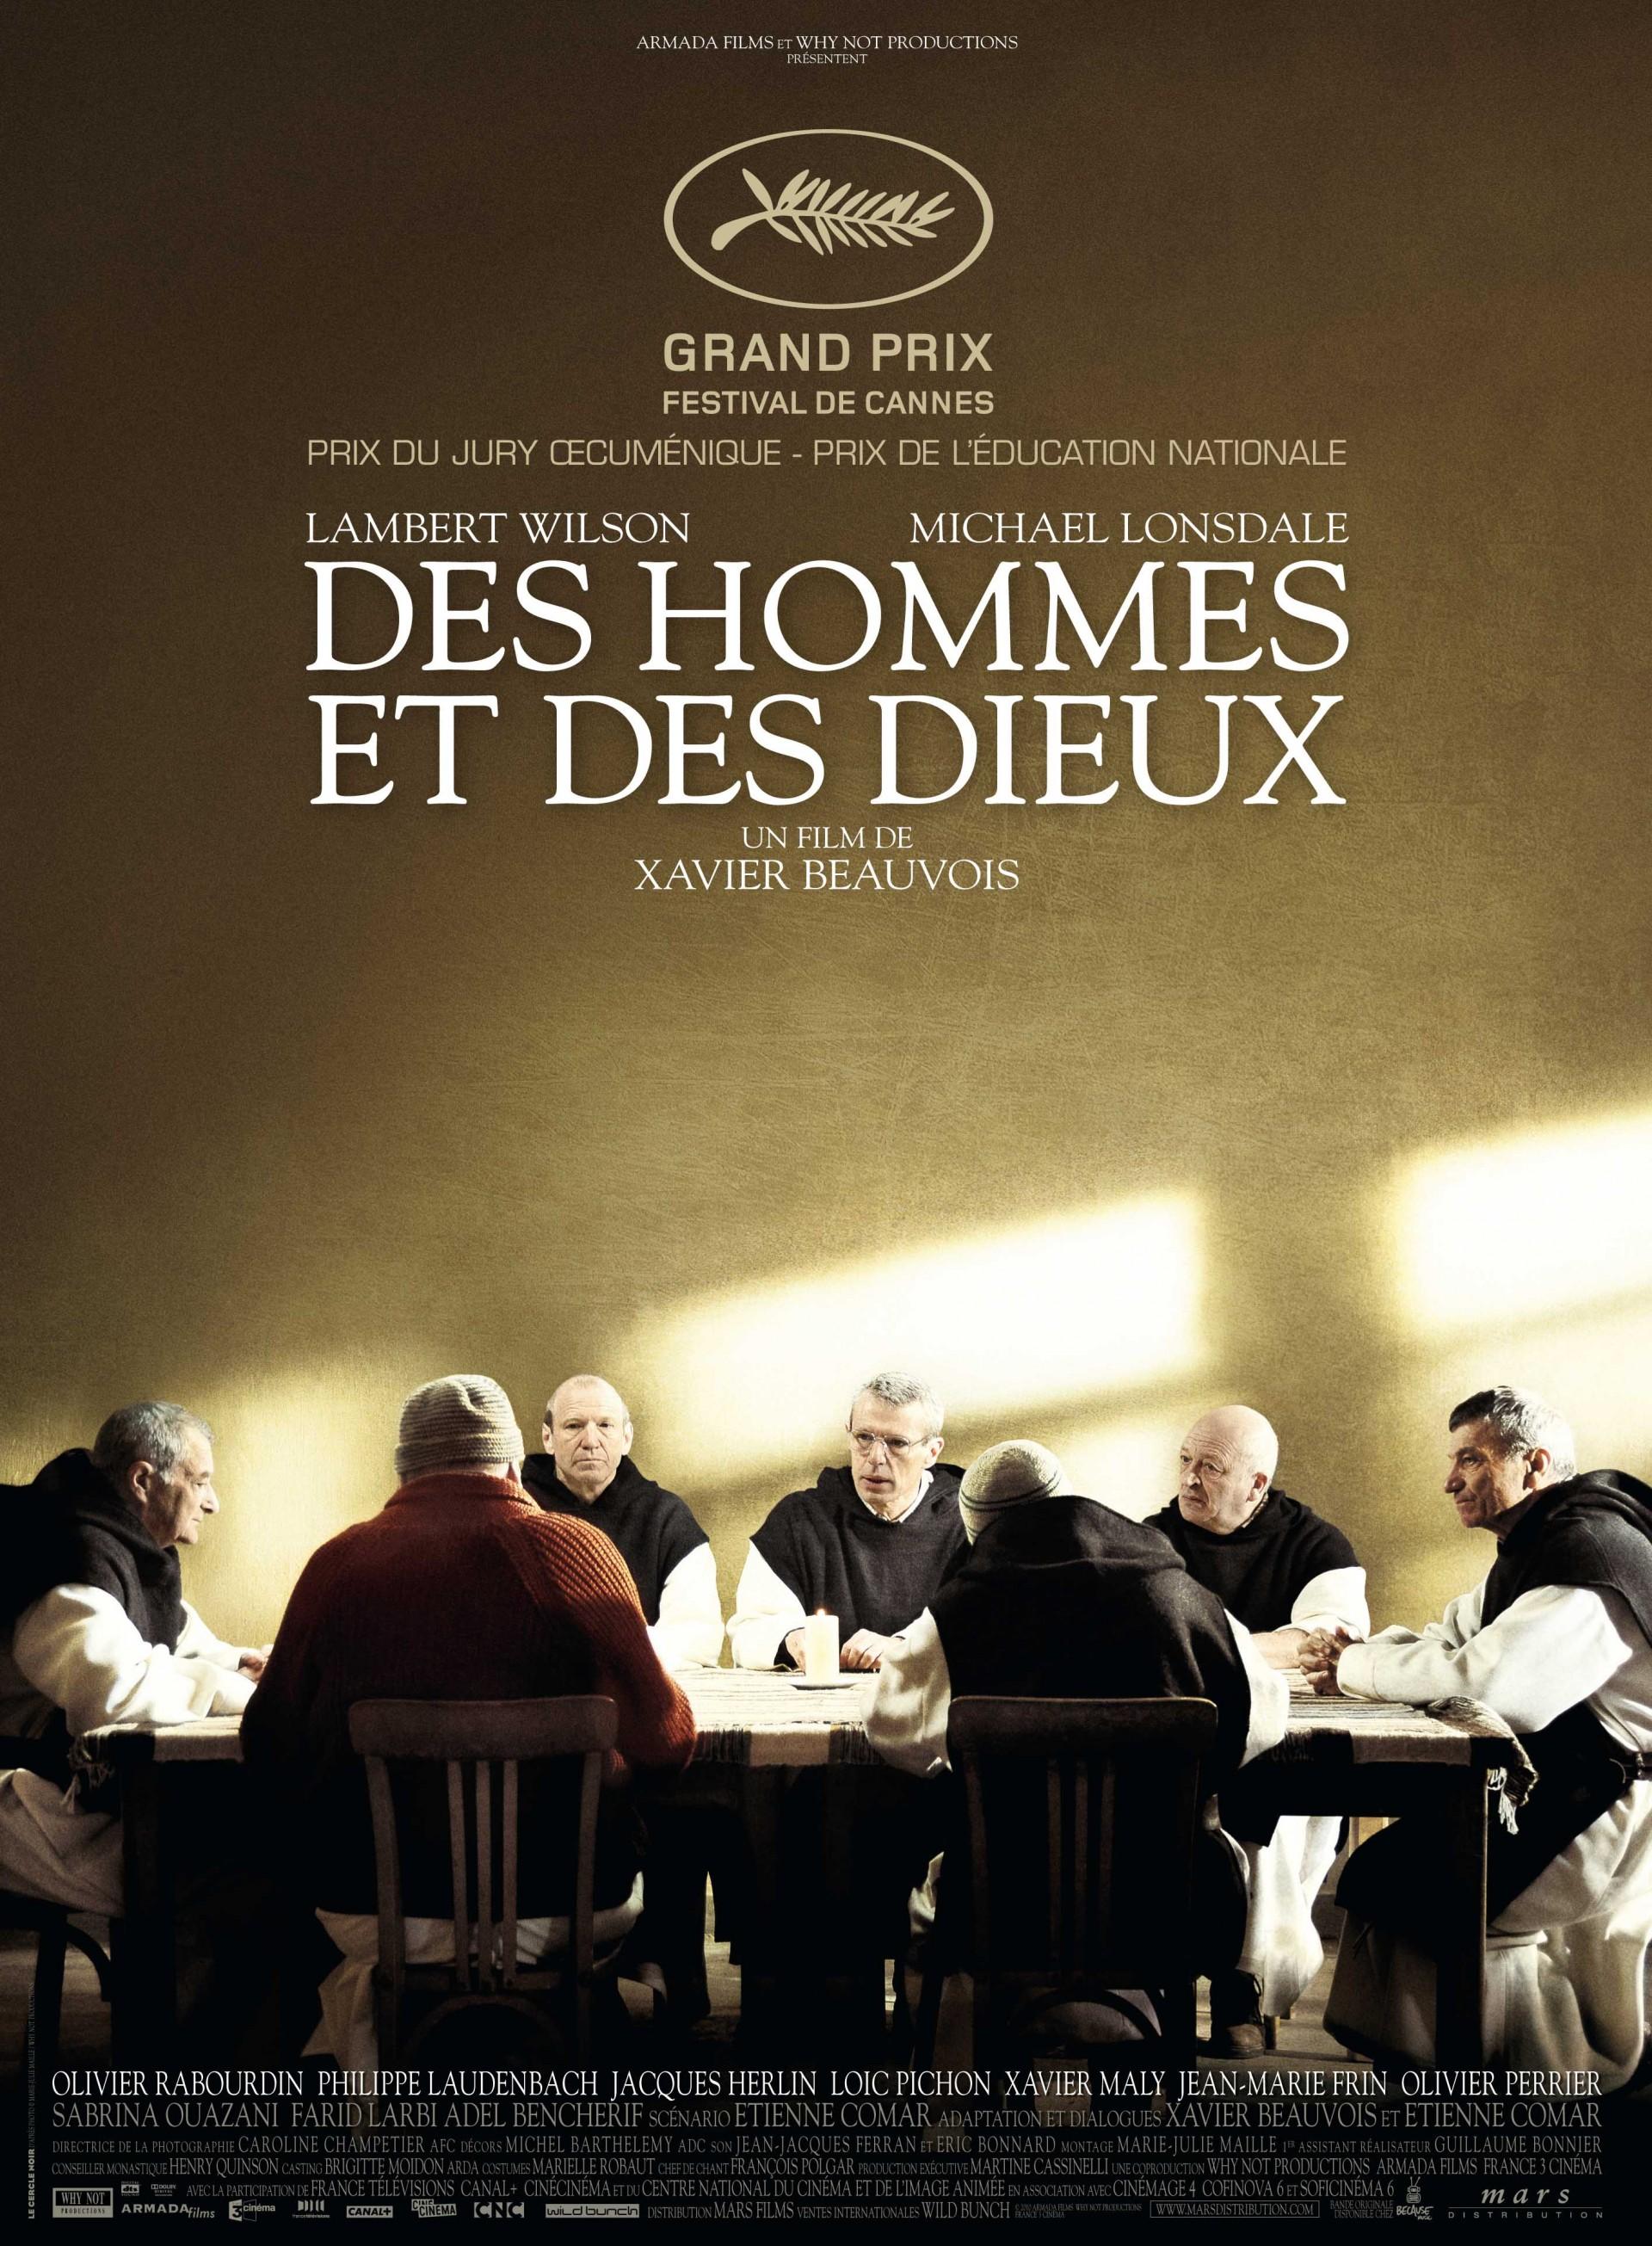 http://img.filmsactu.net/datas/films/d/e/des-hommes-et-des-dieux/xl/4c35e6a0d5454.jpg